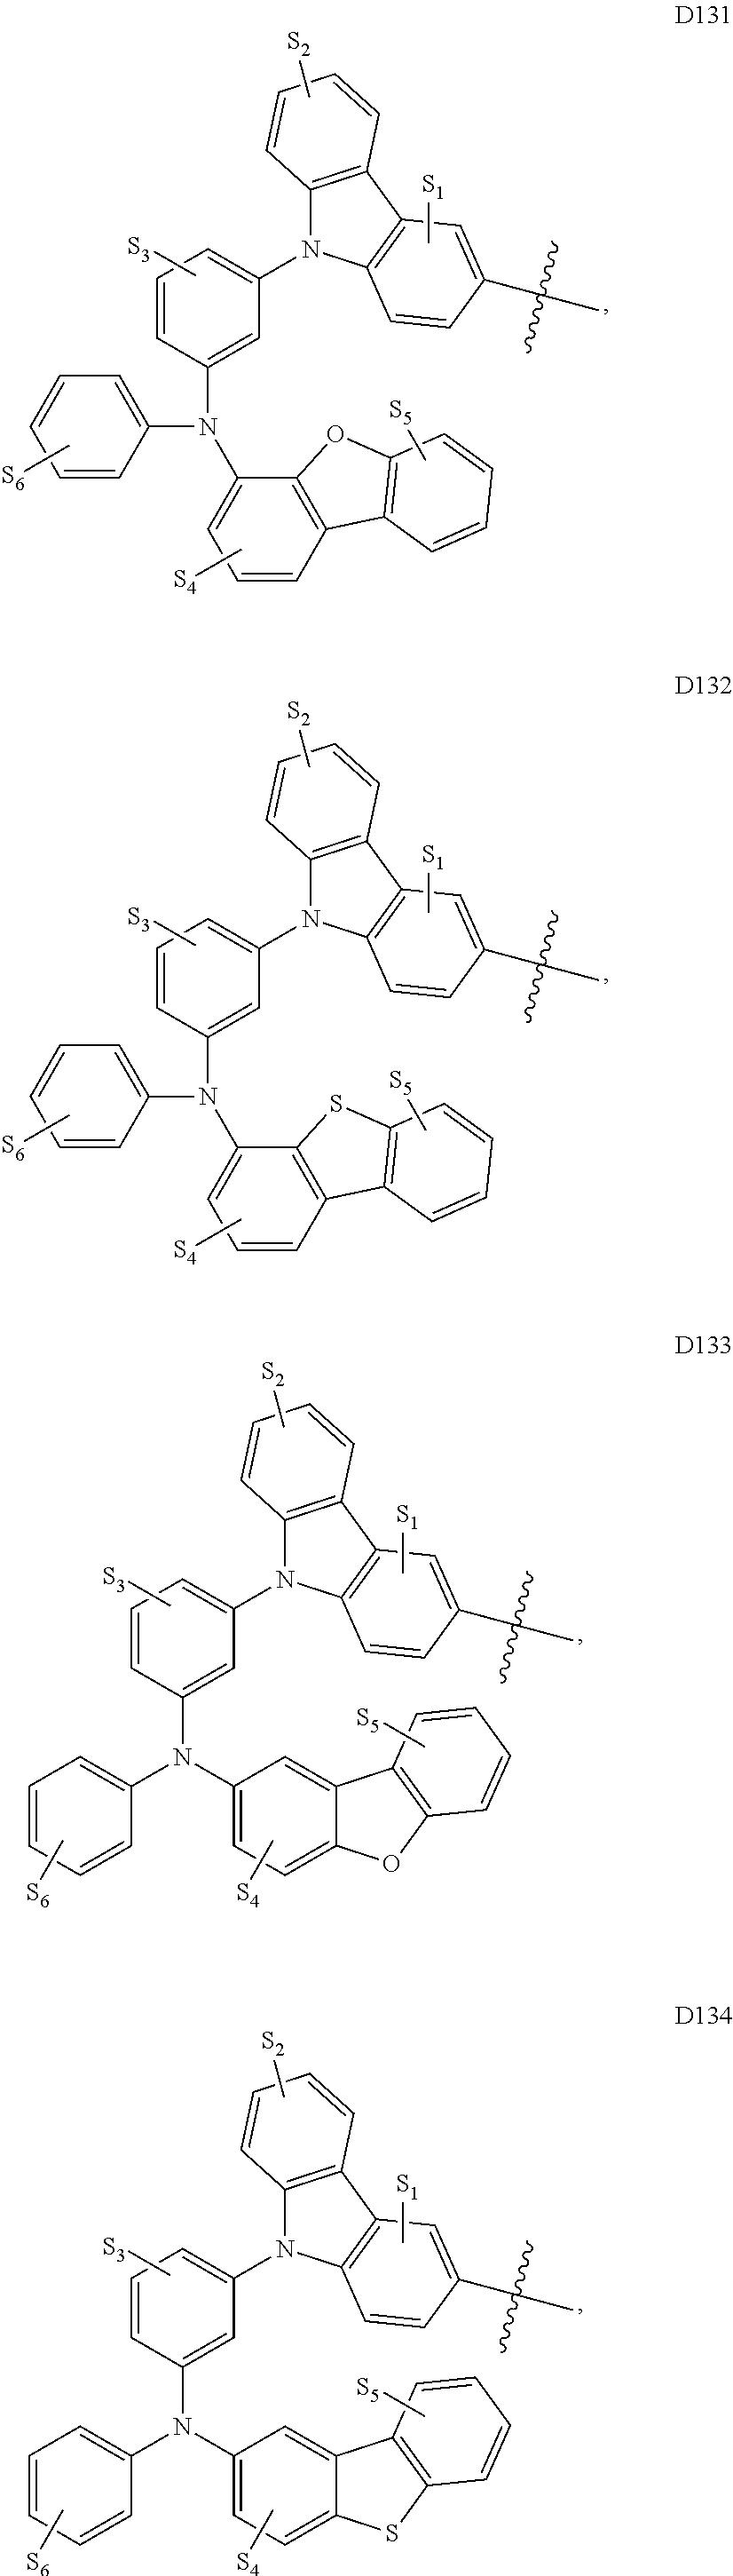 Figure US09324949-20160426-C00087